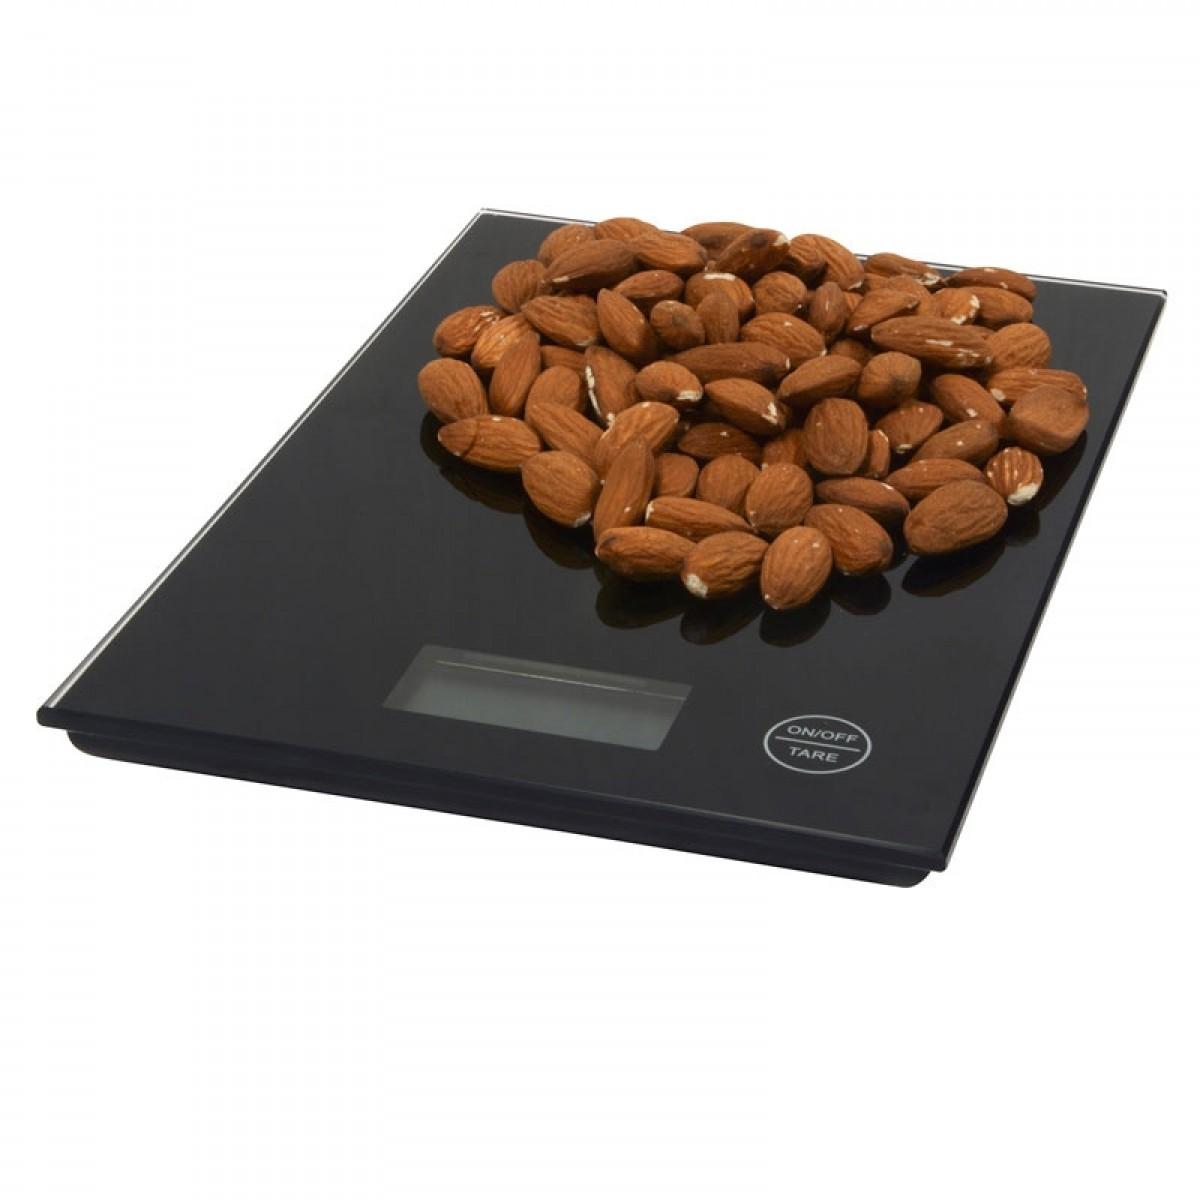 CONZEPT Køkkenvægt 5 kg sort glas